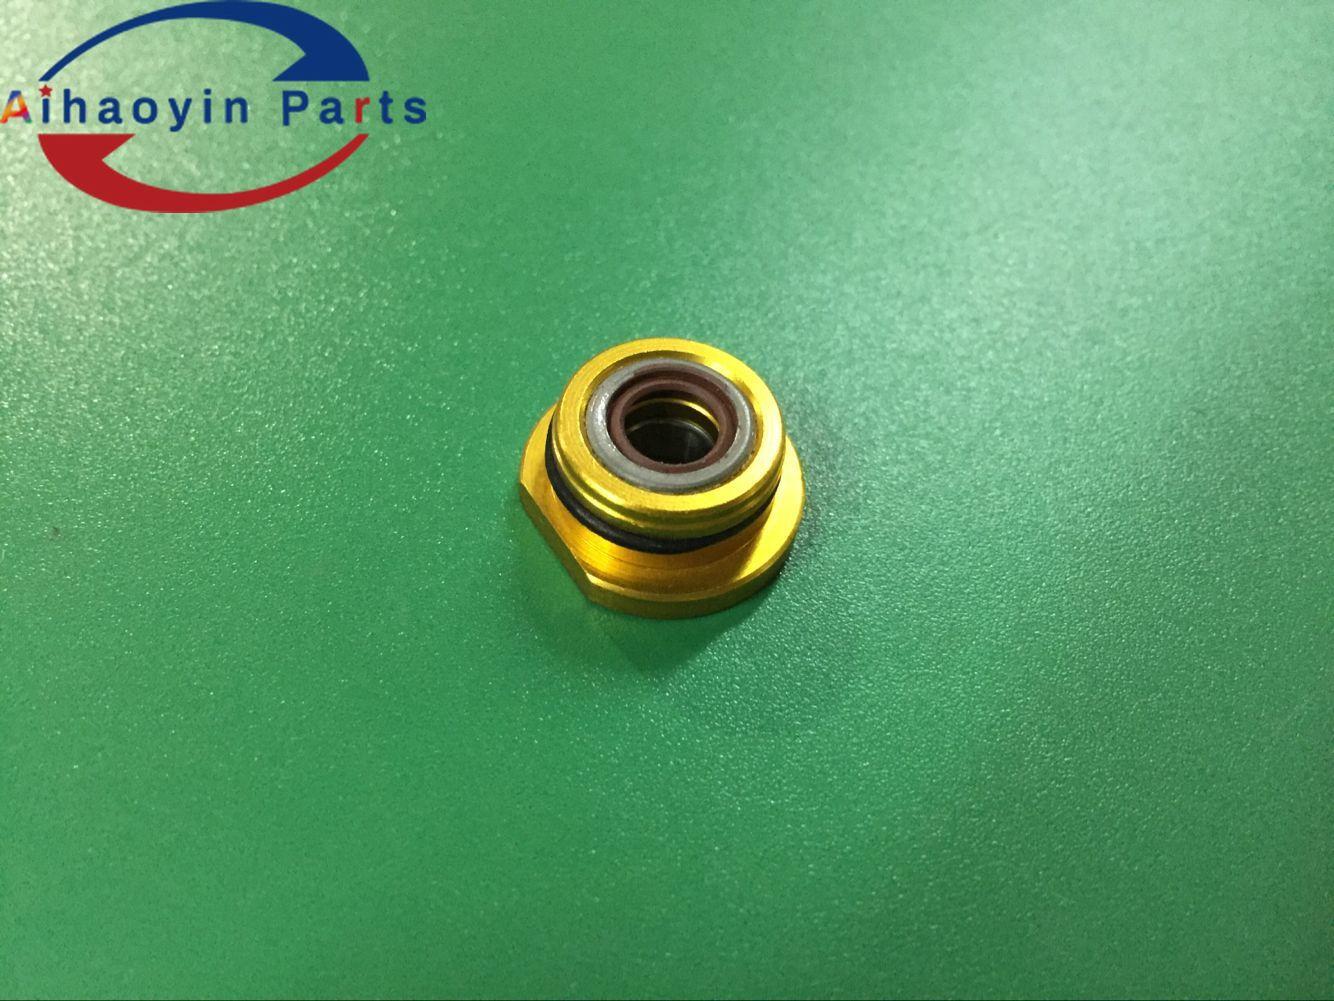 5 uds Super larga vida AA08-0176 Toner reciclar casquillo para Ricoh Aficio 1075 2075 MP7500 MP 9001 de 7001 de 8001 MP8000